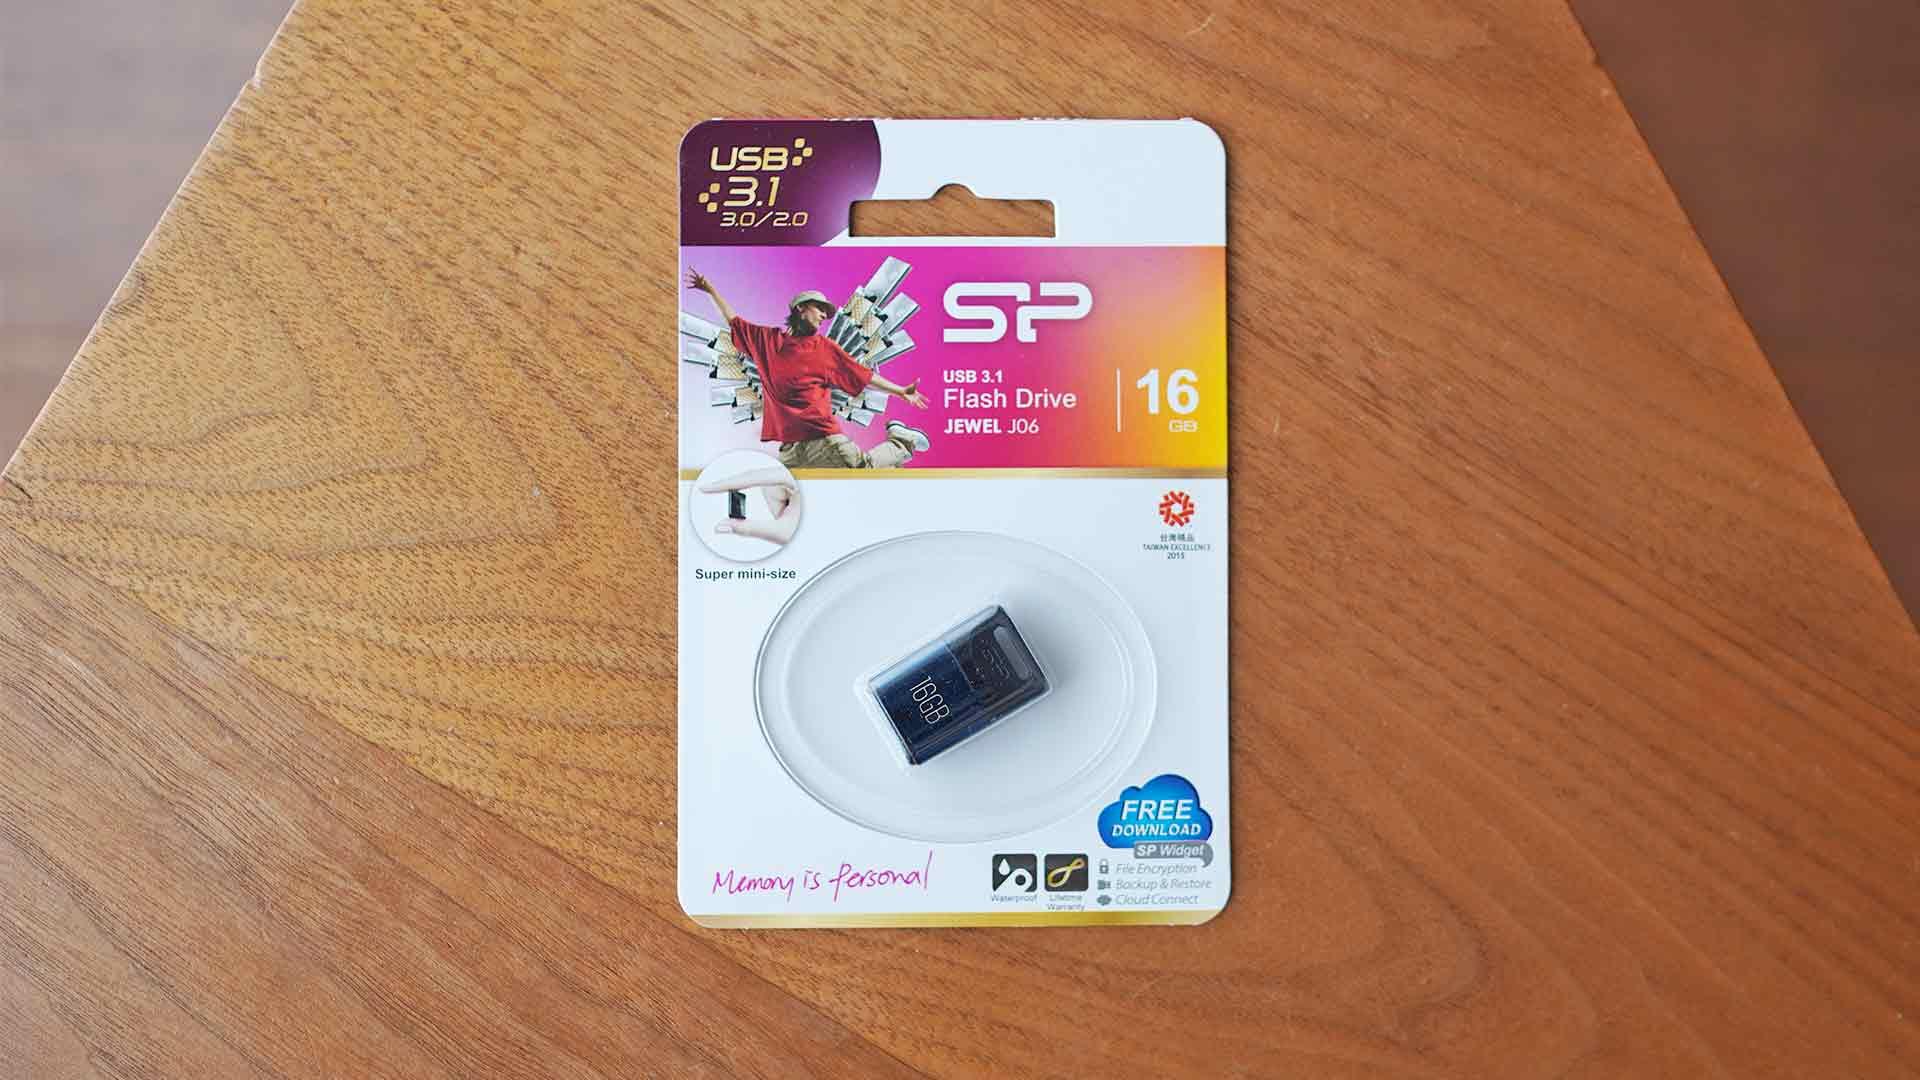 USBメモリー,シリコンパワー,小さい,コンパクト,軽い,安い,J06